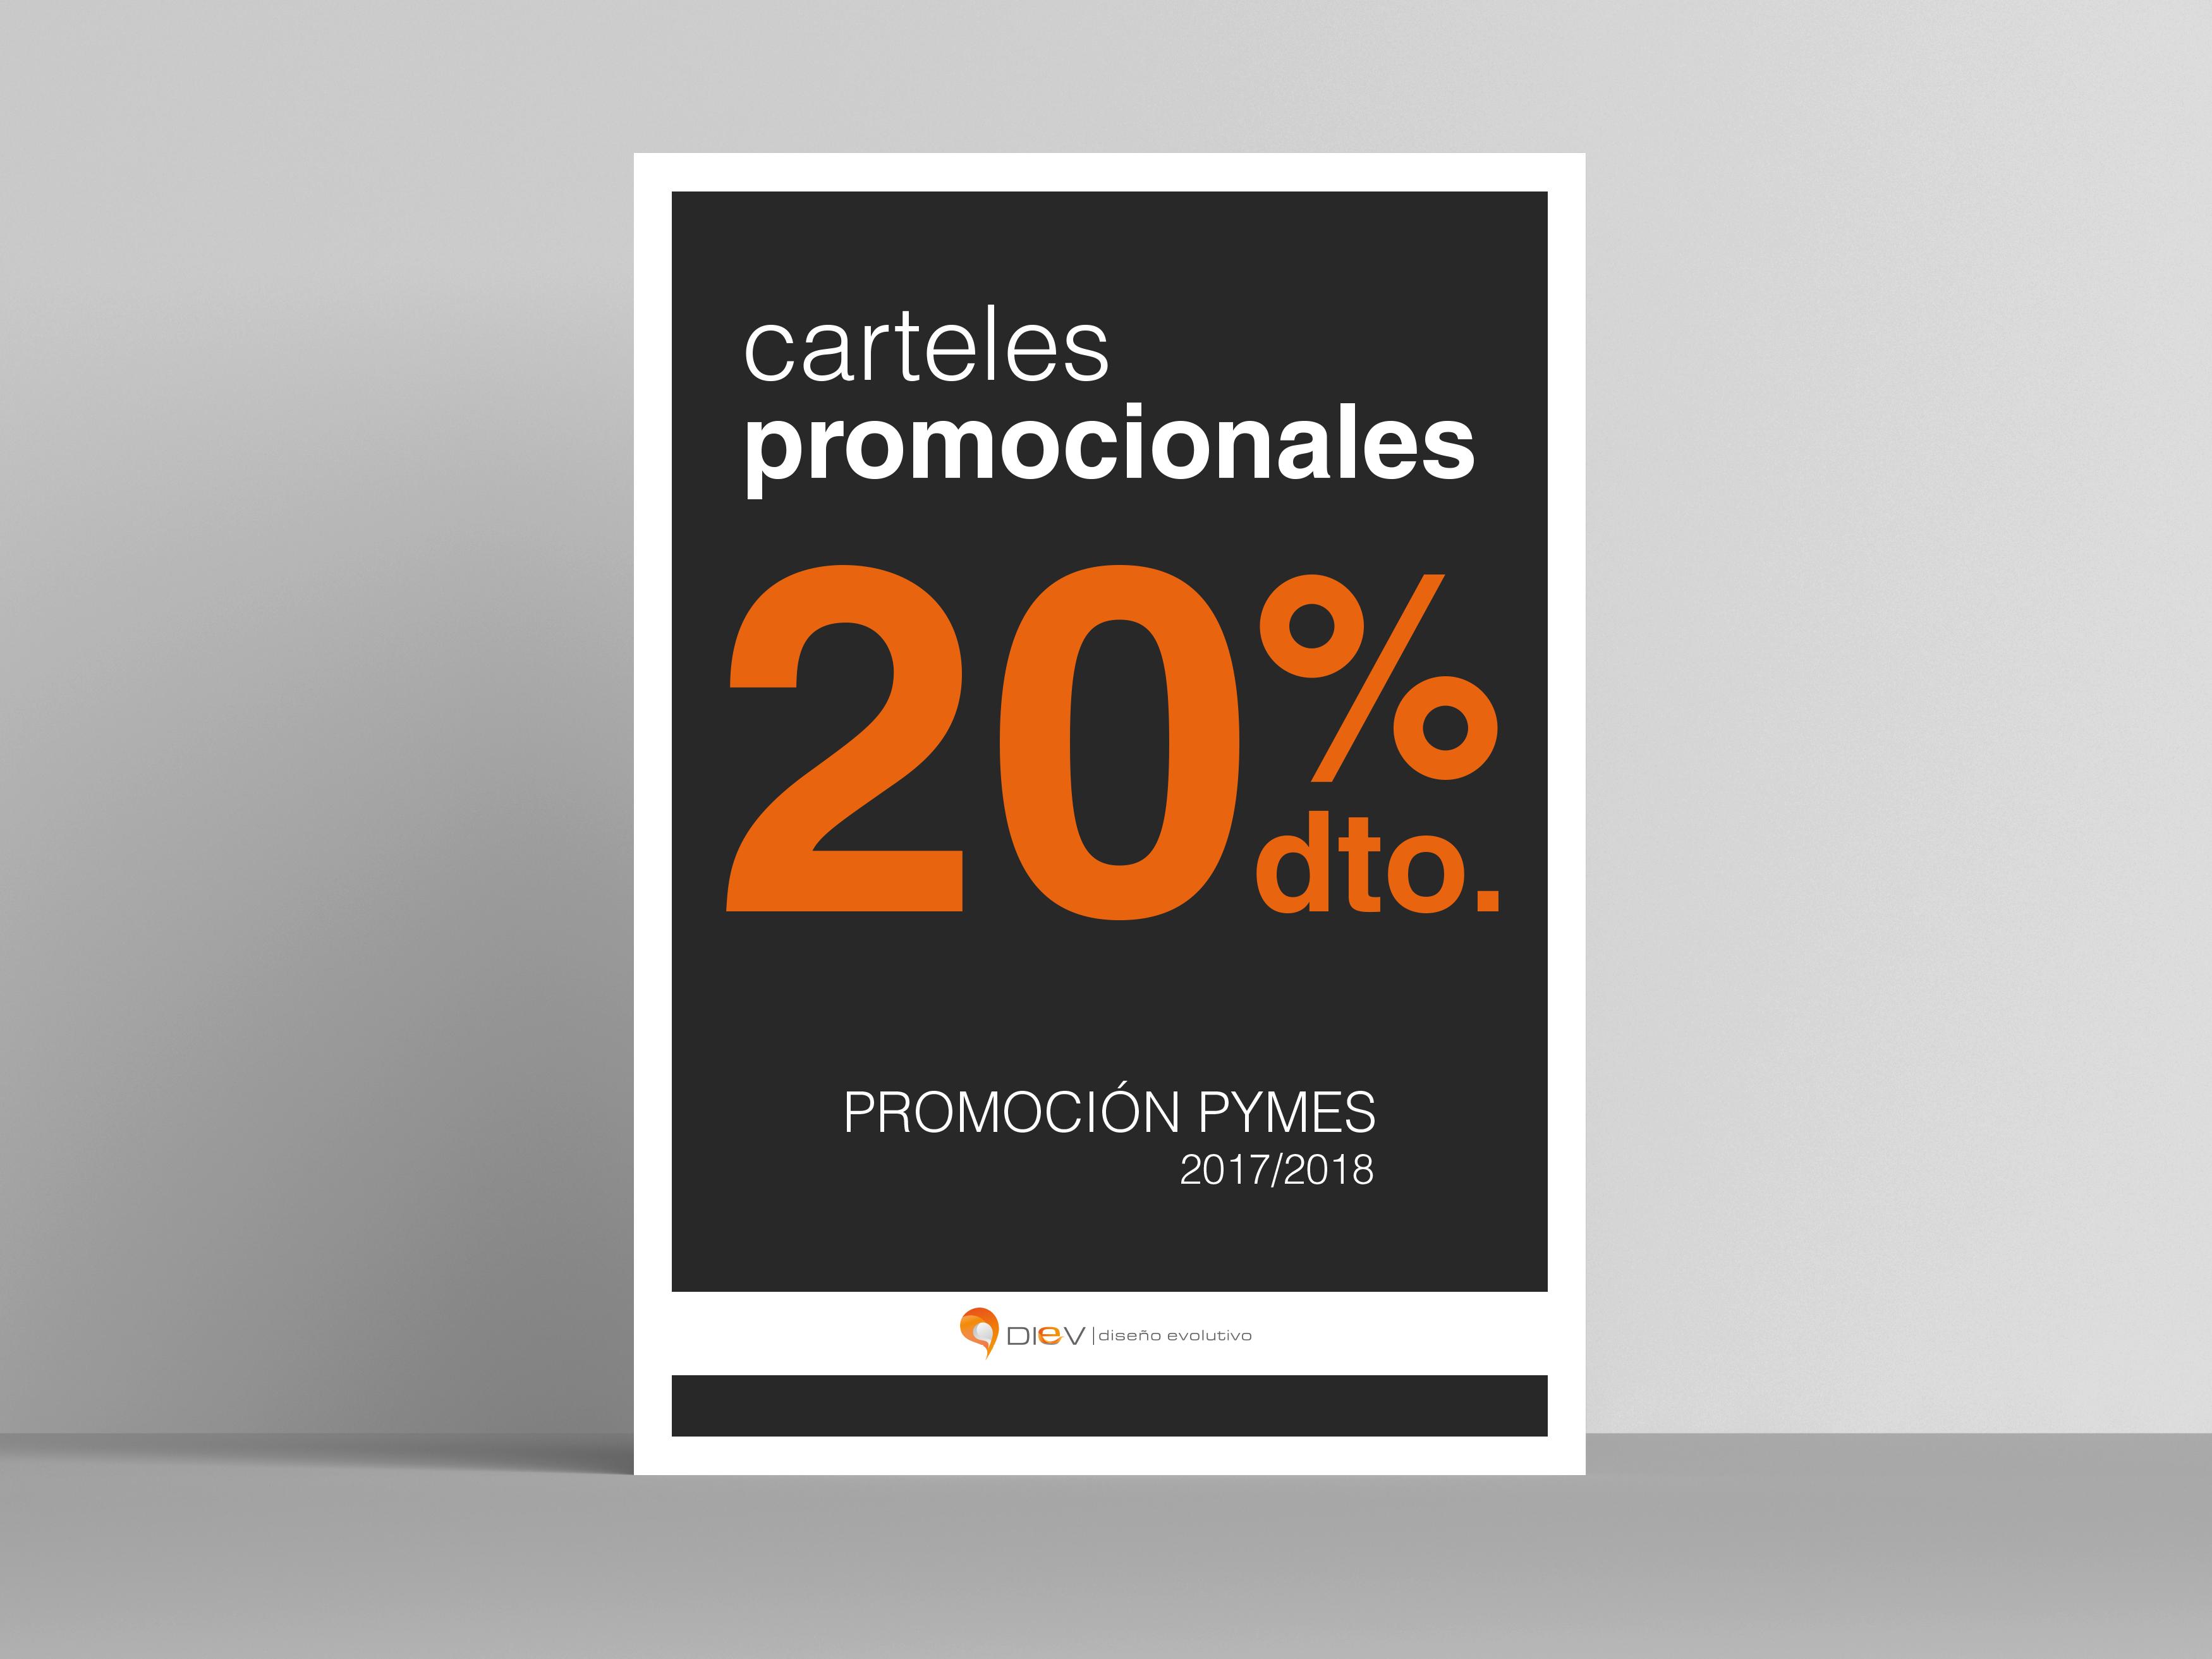 Carteles promocionales black friday diev 20% dto